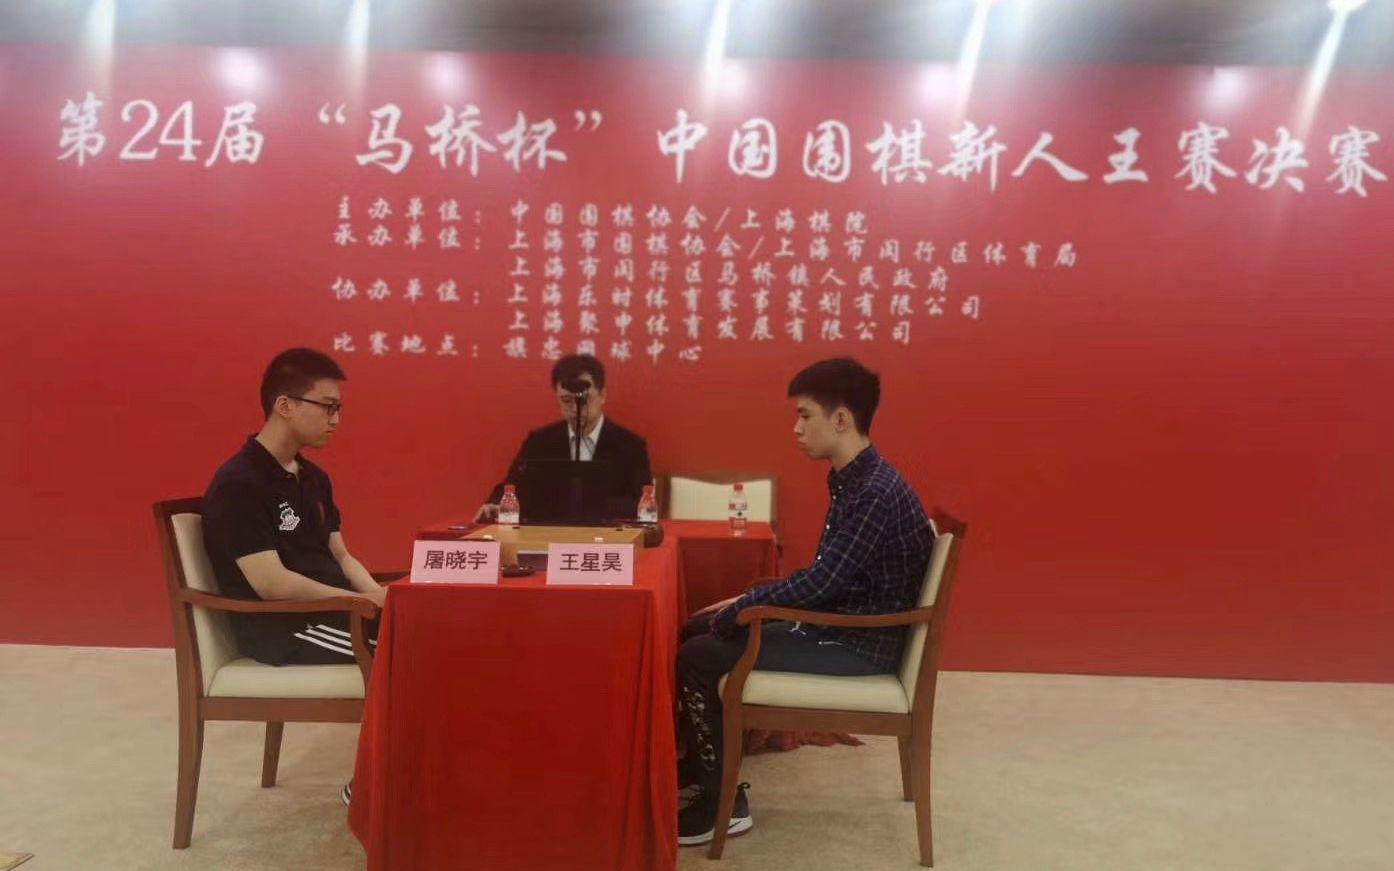 收官阶段完成逆转,17岁屠晓宇首夺围棋新人王图片